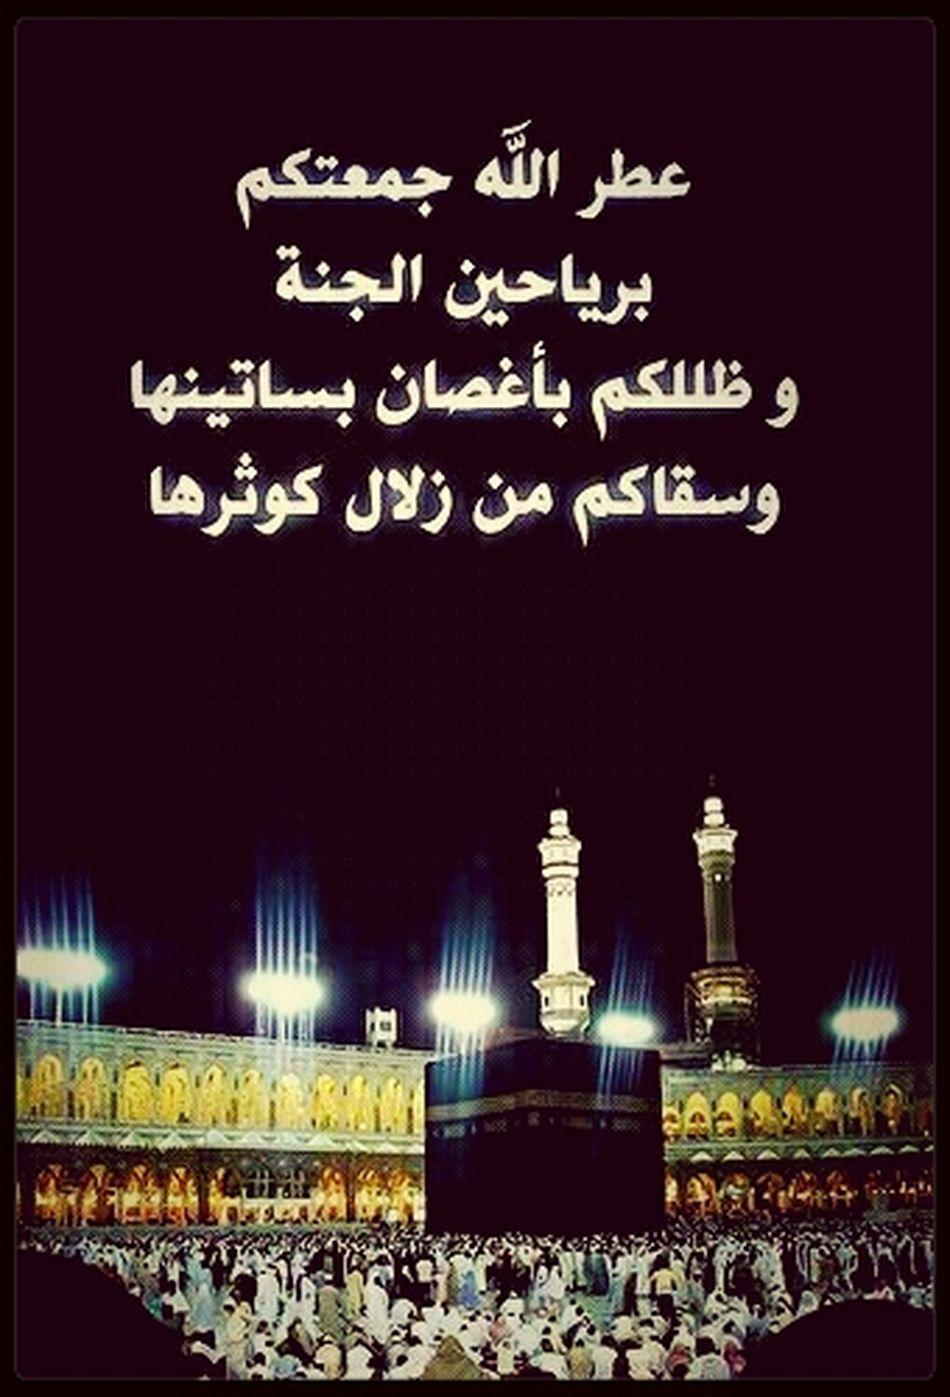 جمعة مباركة جمعة طيبة جمعه الجمعه مساء الخير احبتي